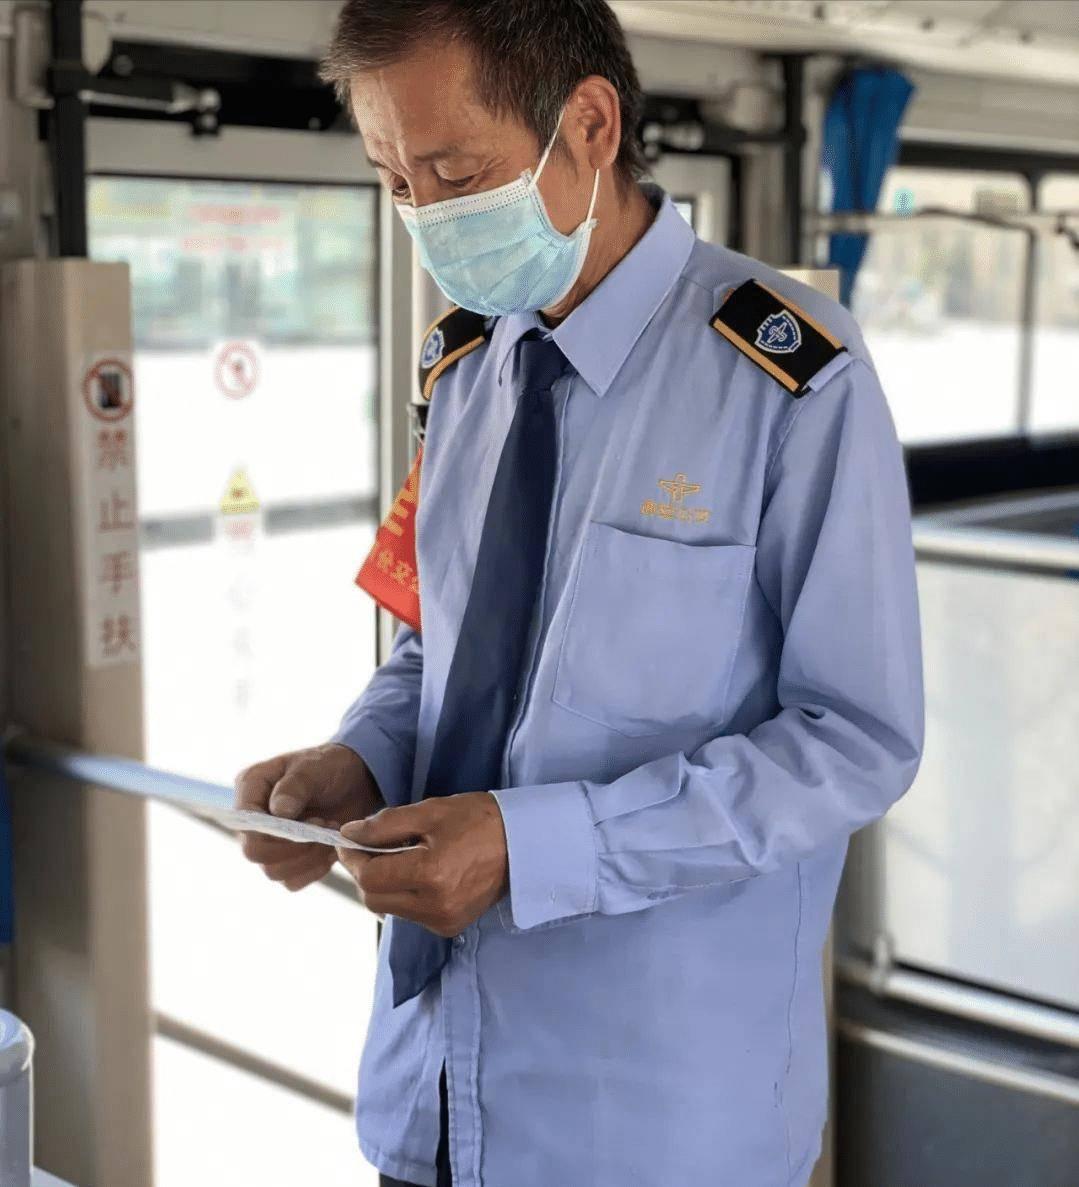 公交车司机暖心叮嘱,高三女孩留纸条感谢,司机看后眼眶湿润